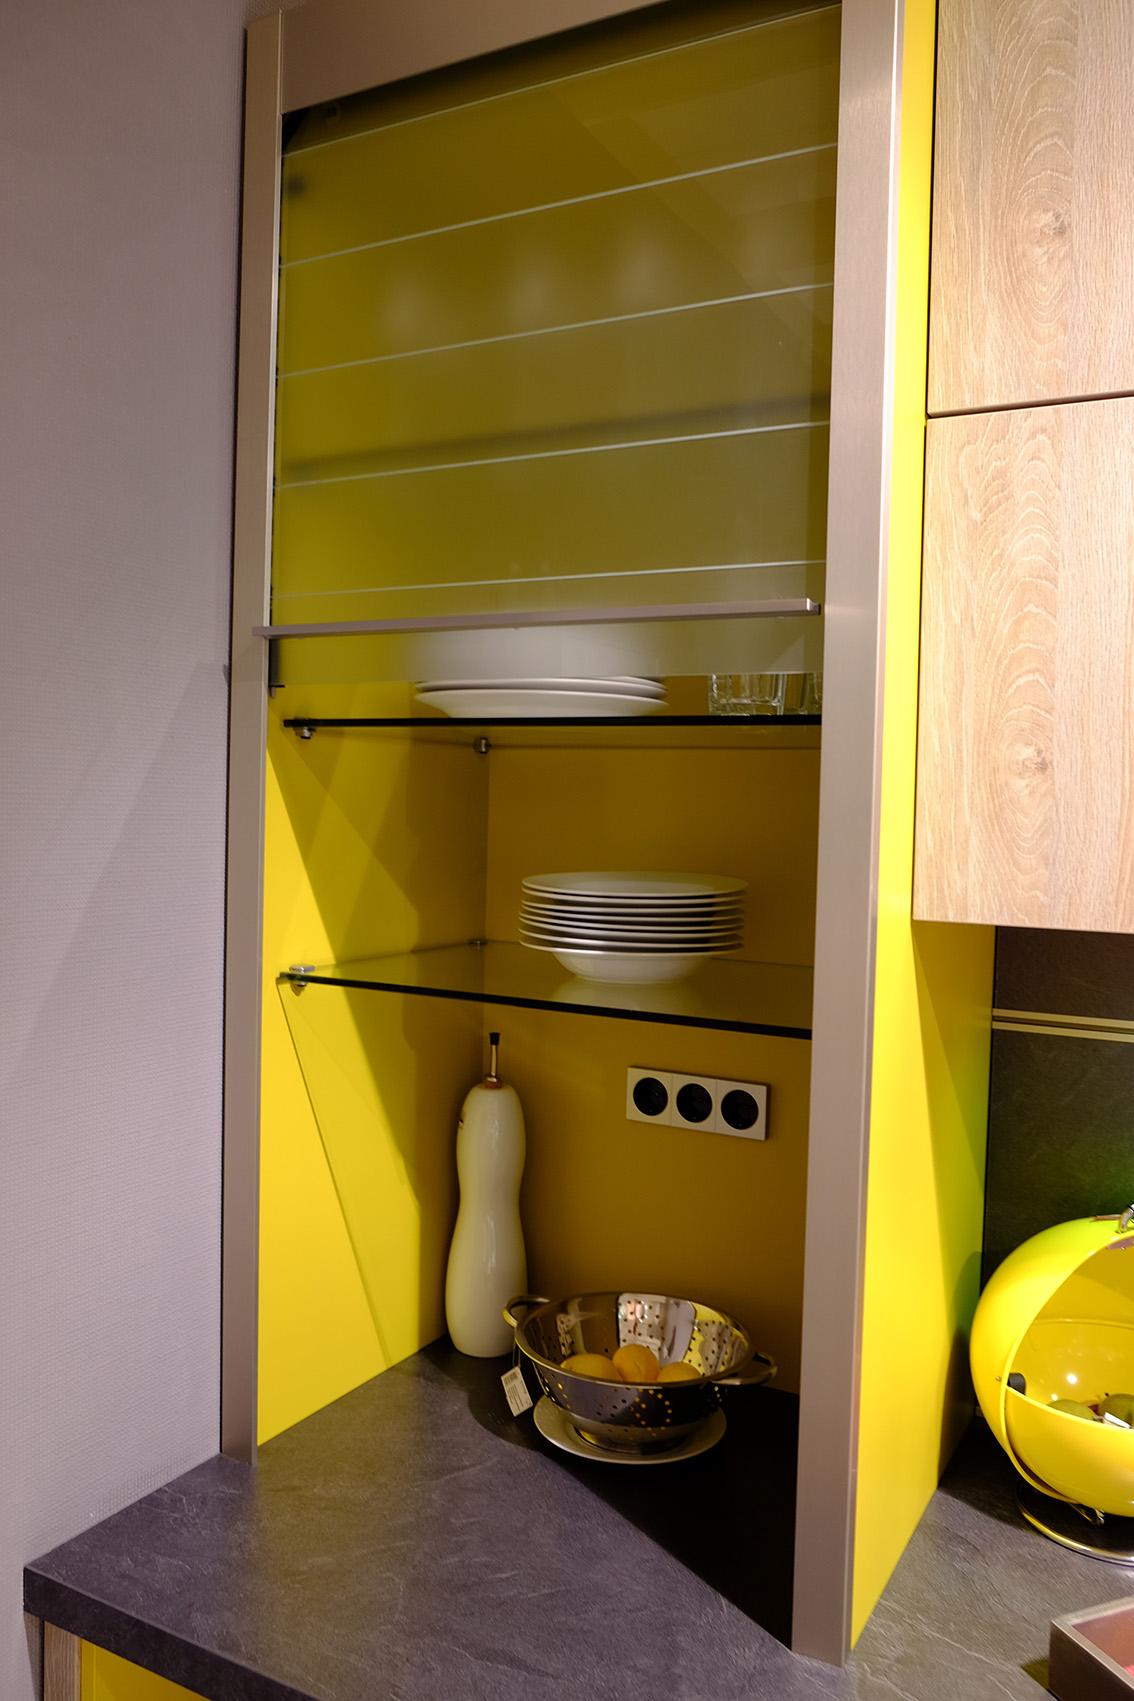 sch ller ravenna plus m belmarkt dogern ihr einrichtungshaus im einzugsgebiet z rich. Black Bedroom Furniture Sets. Home Design Ideas